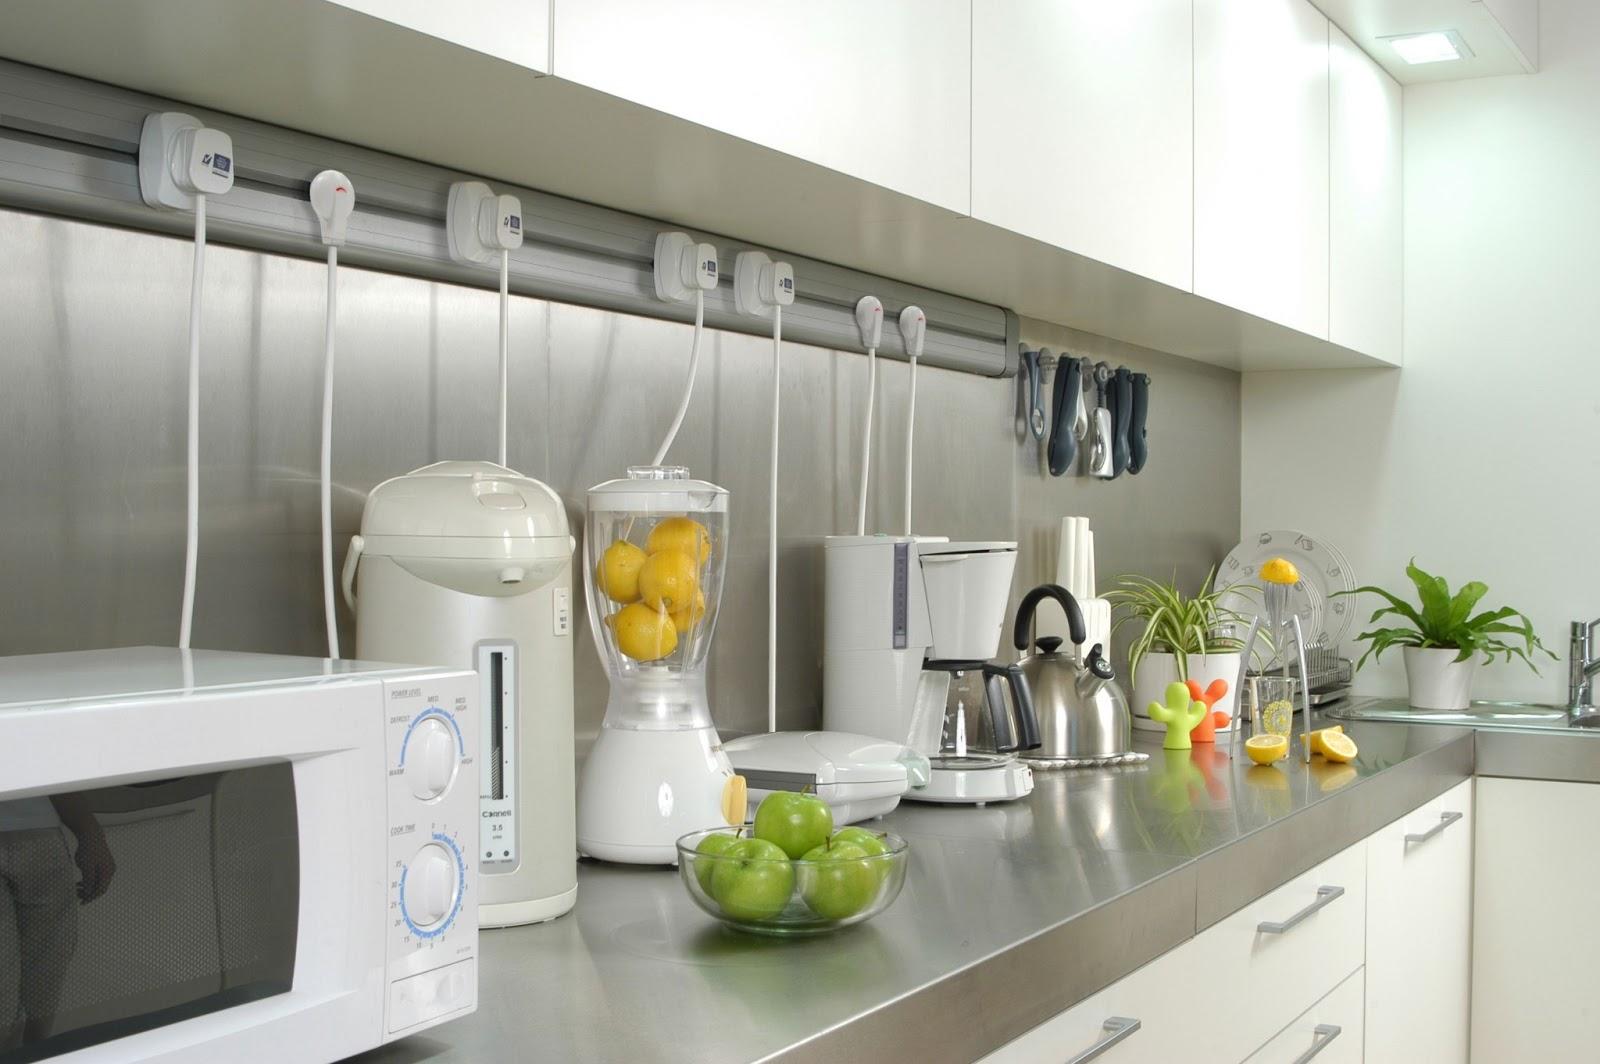 Sistemi per camuffare le prese di corrente idea arredo - Sistemi per riscaldare casa ...